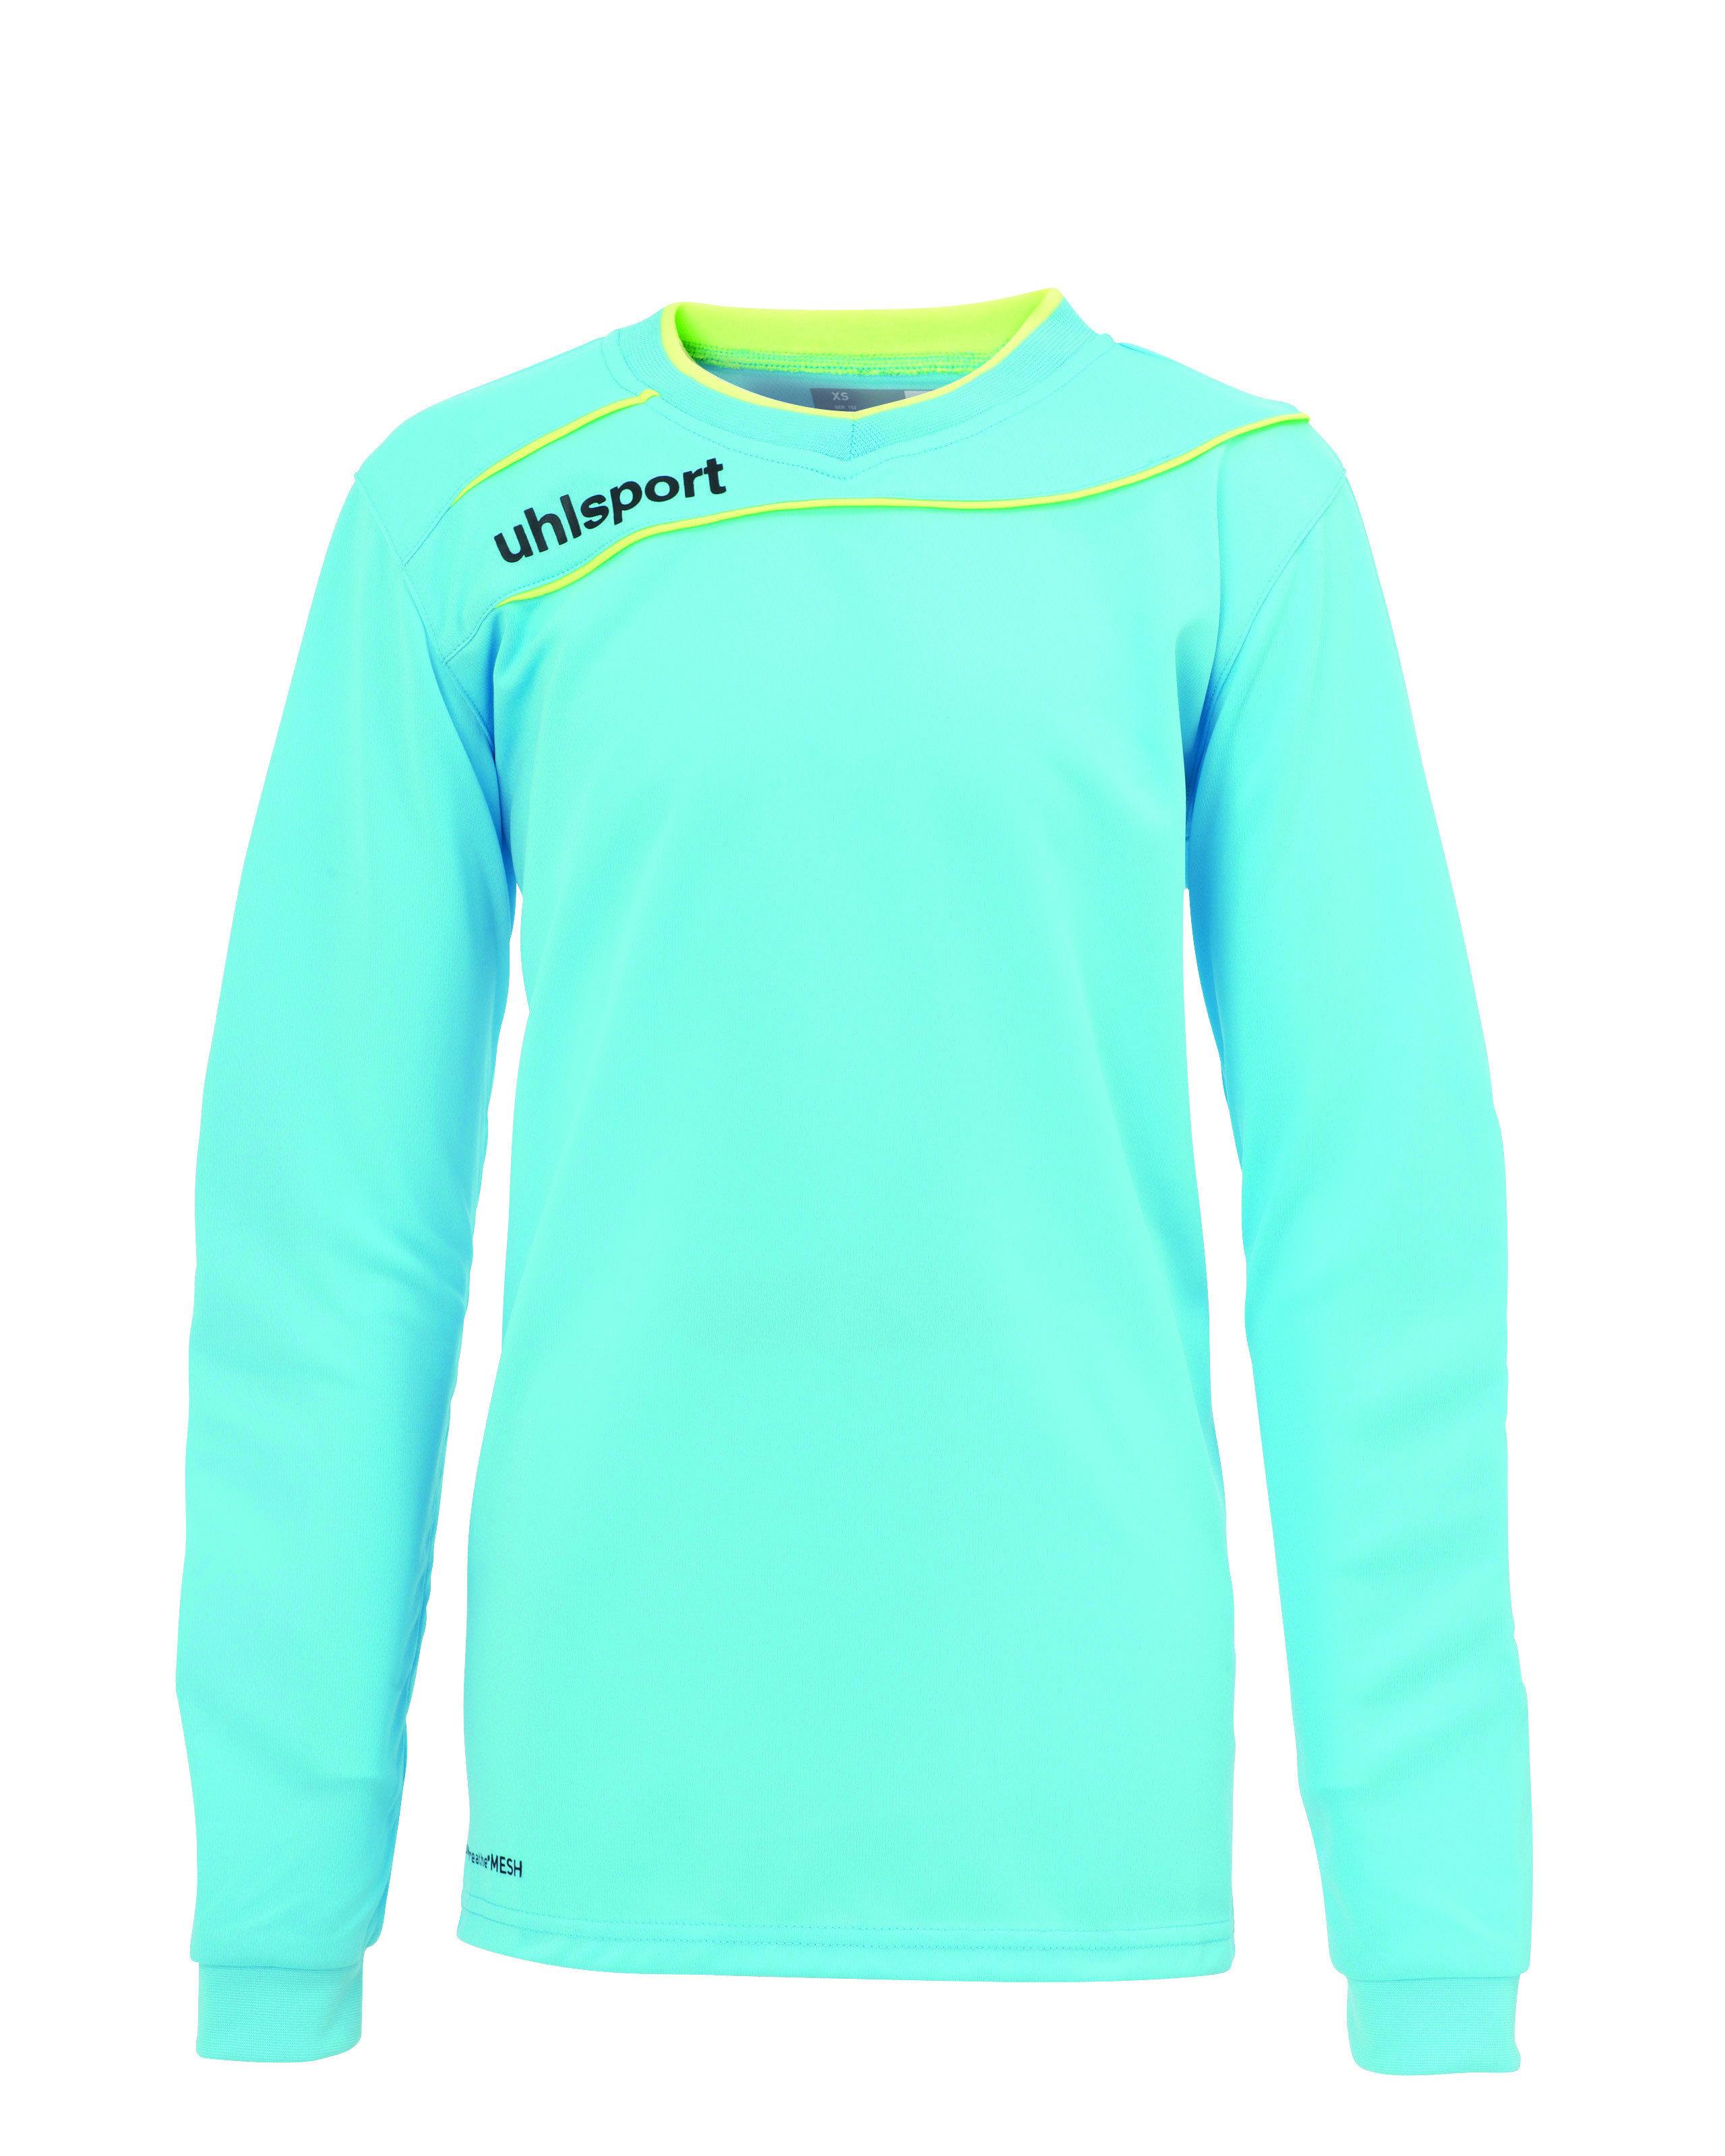 Ausverkauf Torwartbekleidung - Torwartbekleidung - Torwartsets - kopen - Uhlsport Stream 3.0 Junior GK Set (Aktion)